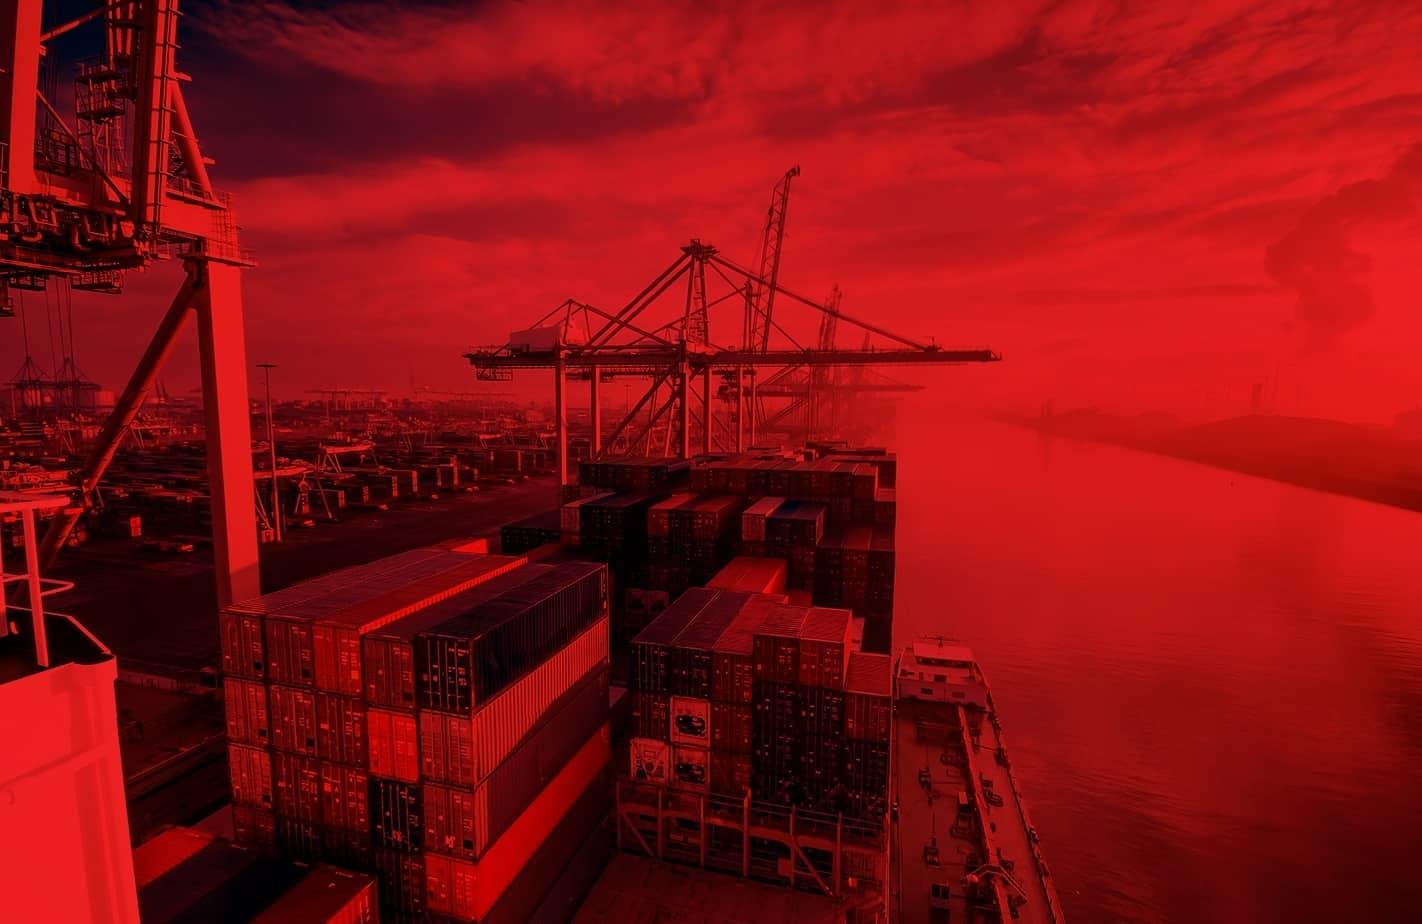 cargo lashing in port harbor